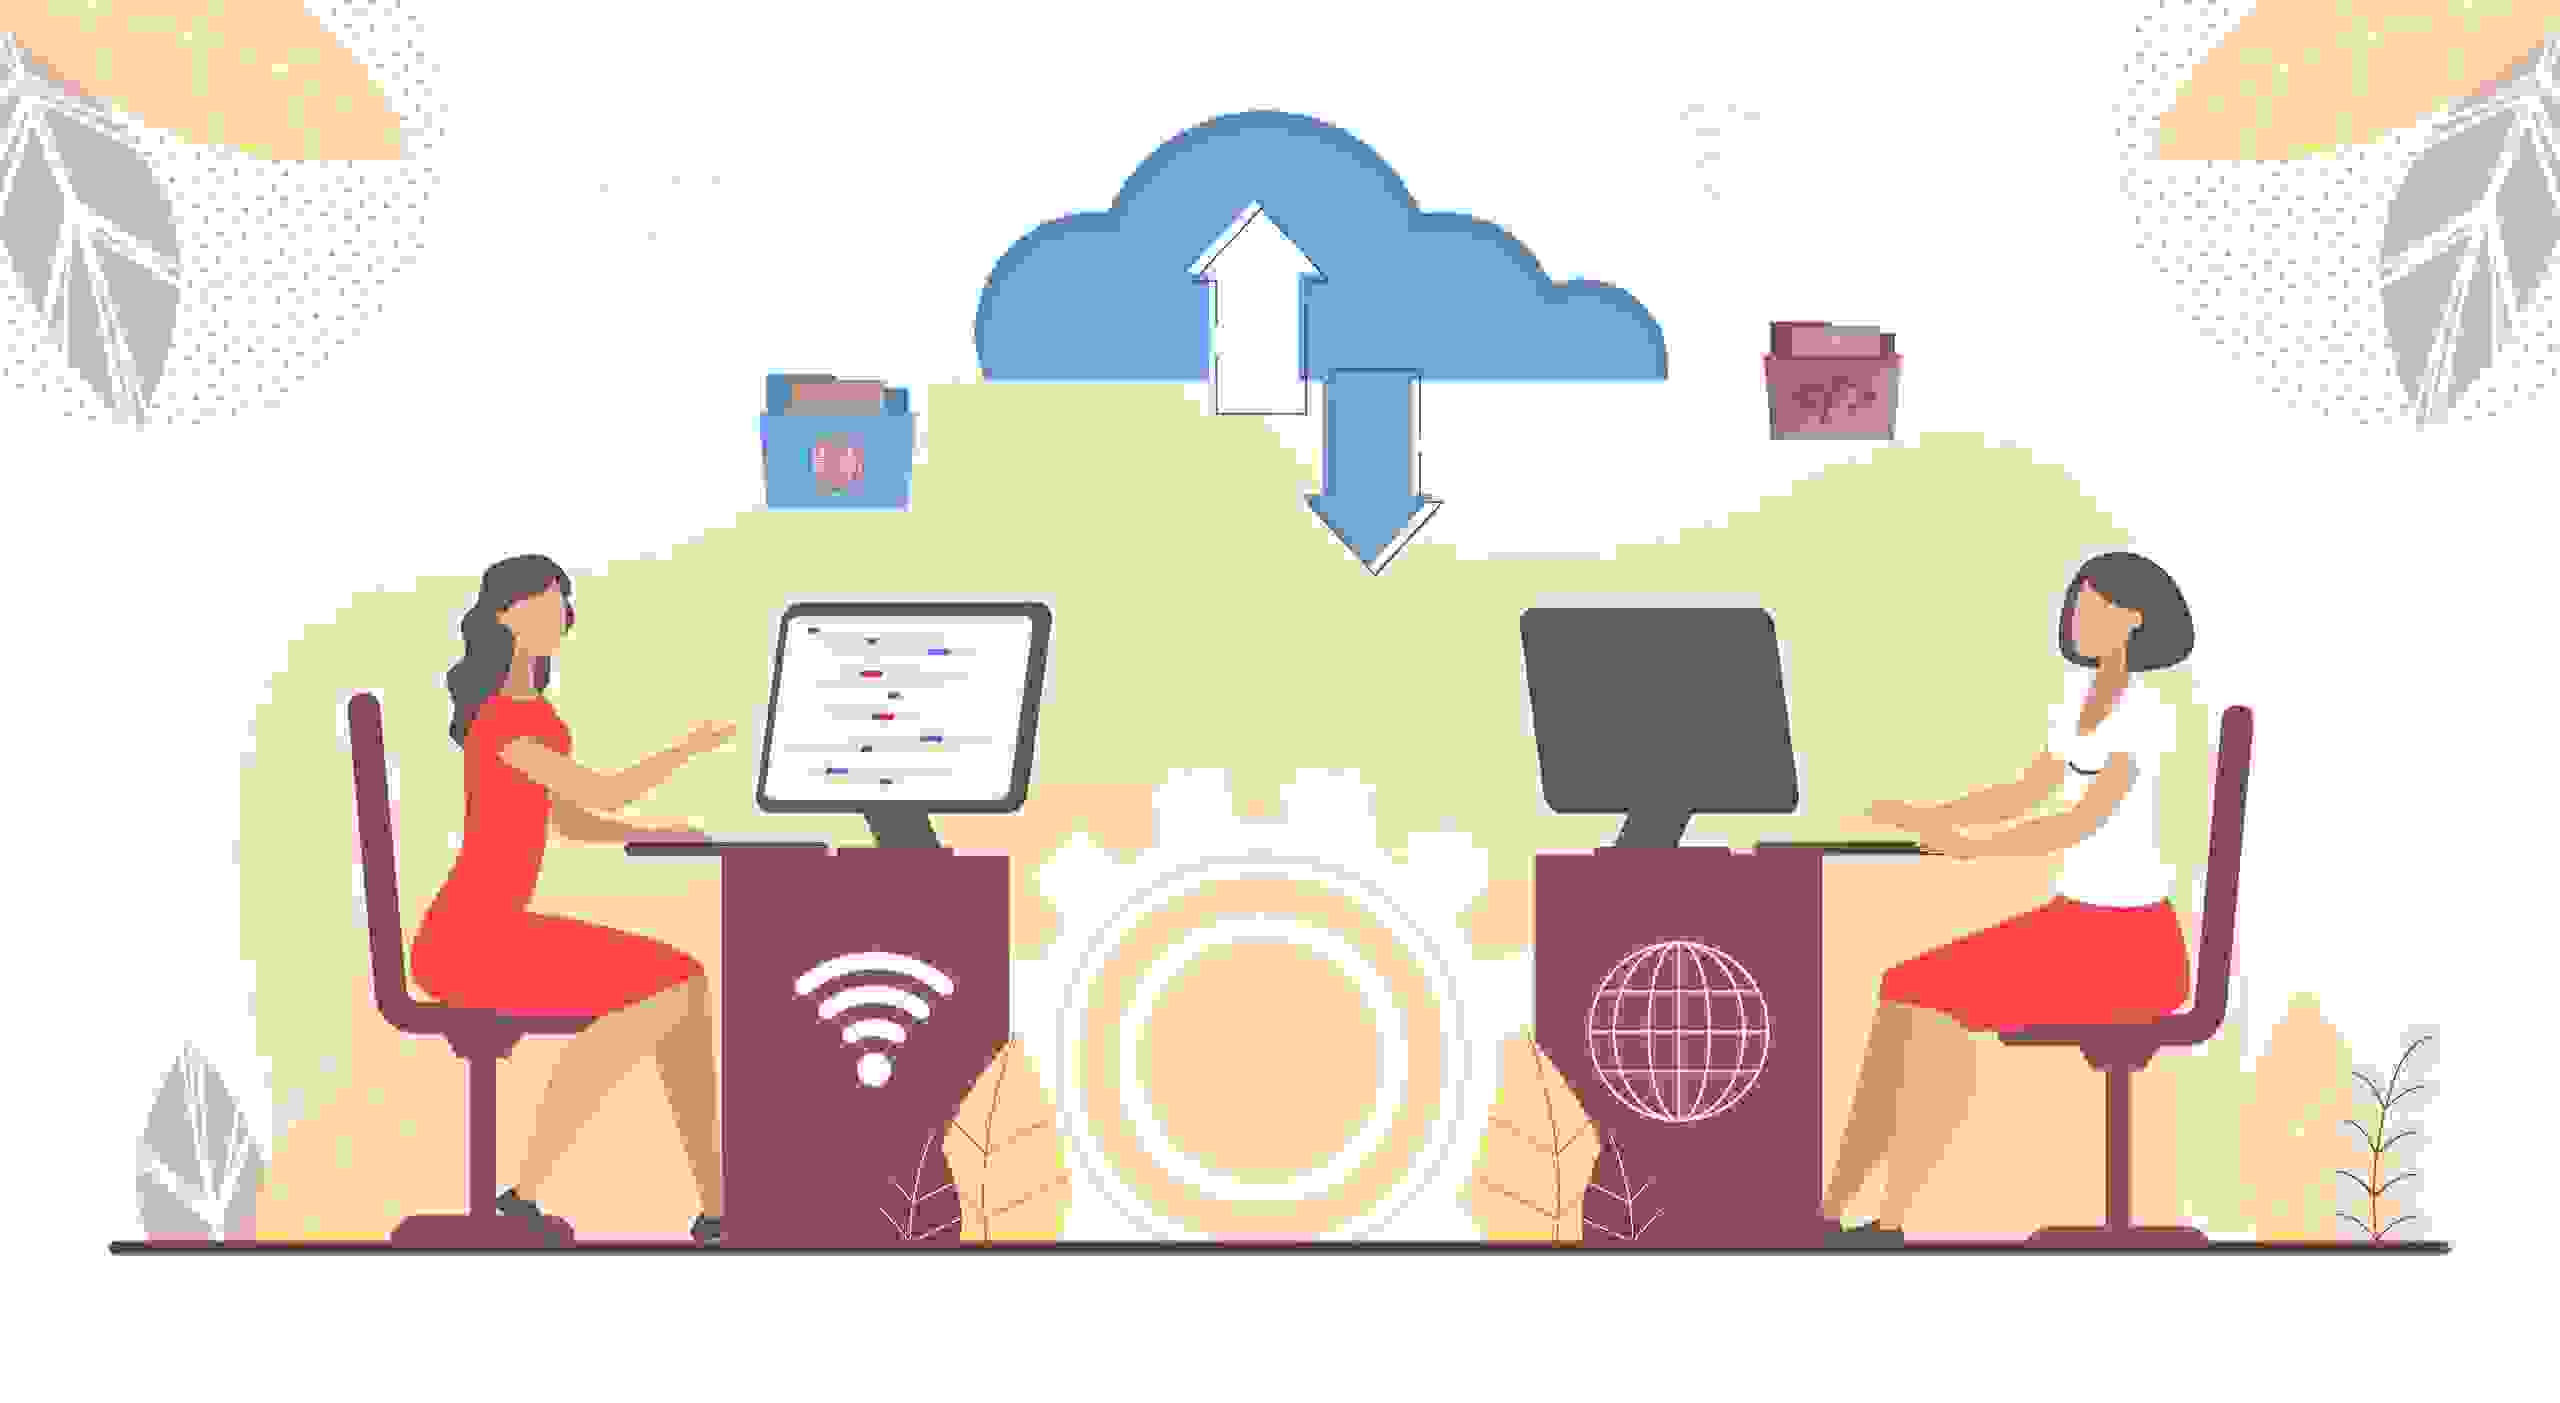 Şirket içi ERP, bulut ERP ve hibrit ERP çözümlerinden hangisi daha iyi?